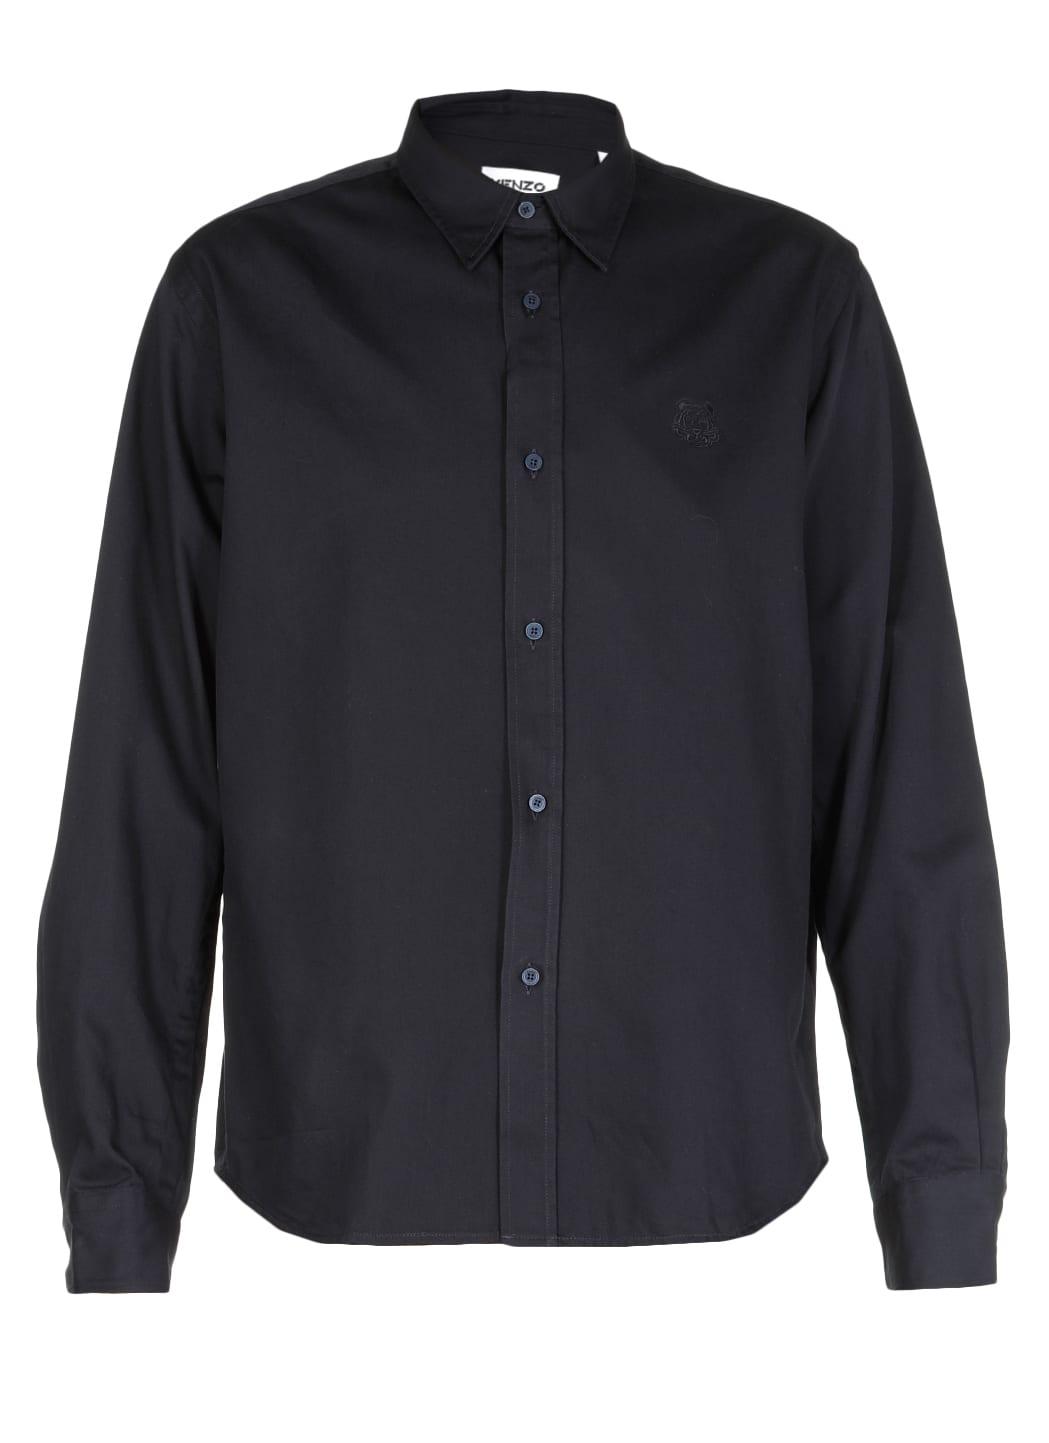 Kenzo Casual Cotton Shirt